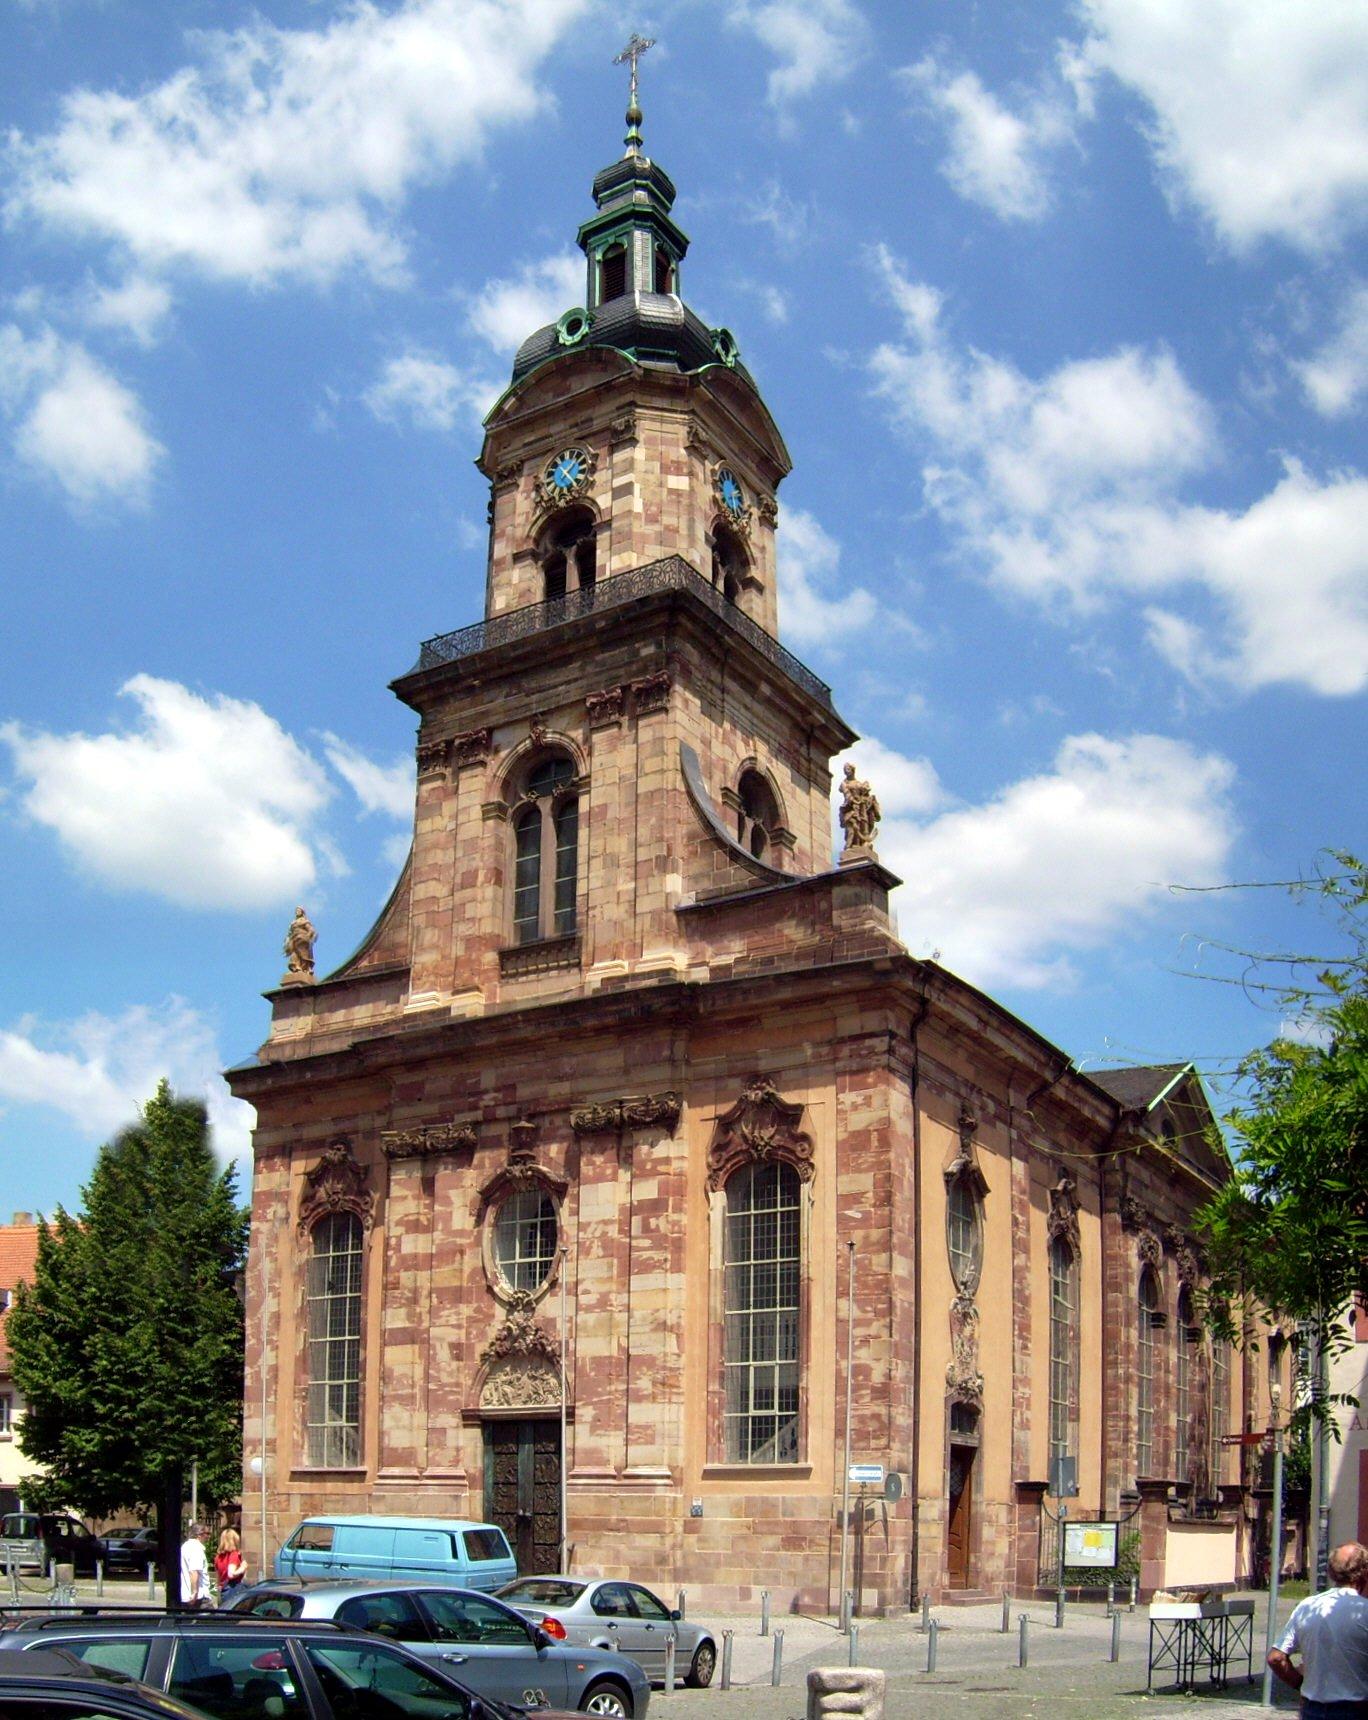 Unfreiwilliger Kunstraum: St. Johann Basilika in Saarbrücken. (Quelle: Lokilech via Wikimedia Commons unter Lizenz CC-BY-SA 3.0)